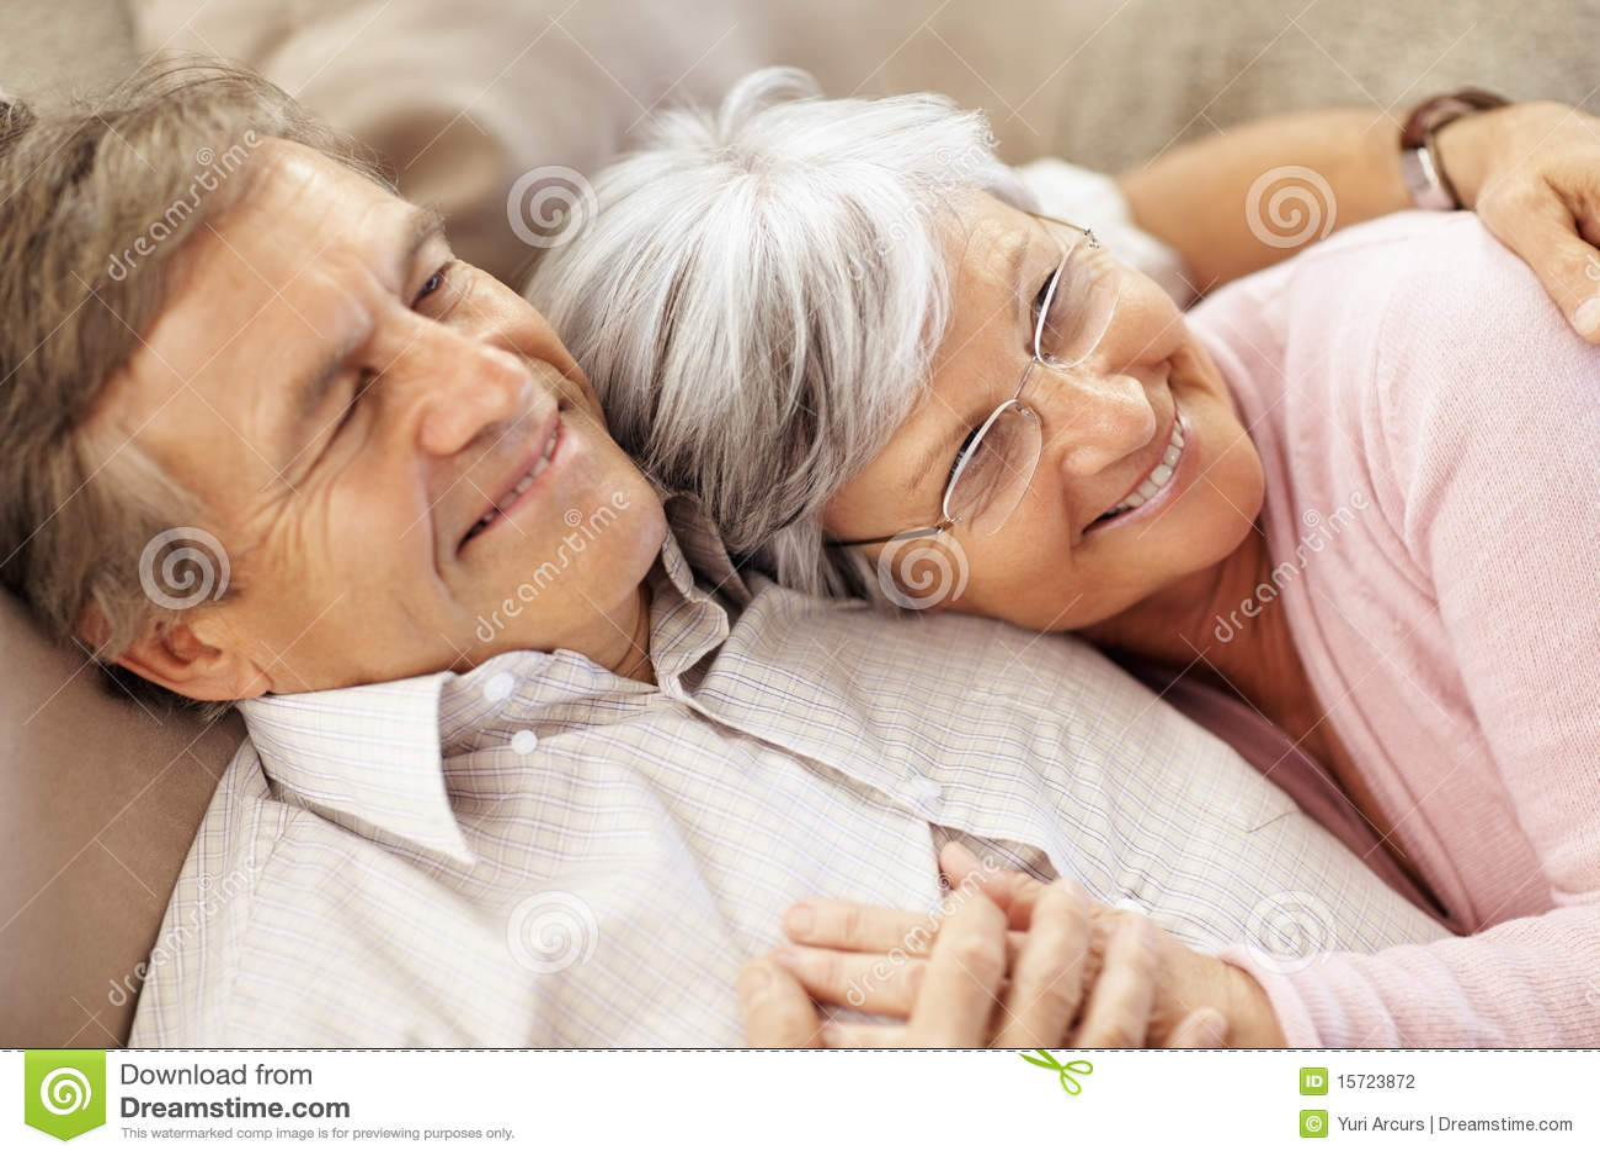 Впечатление, сексуальные отношения пожилых людей распорядитесь, чтобы